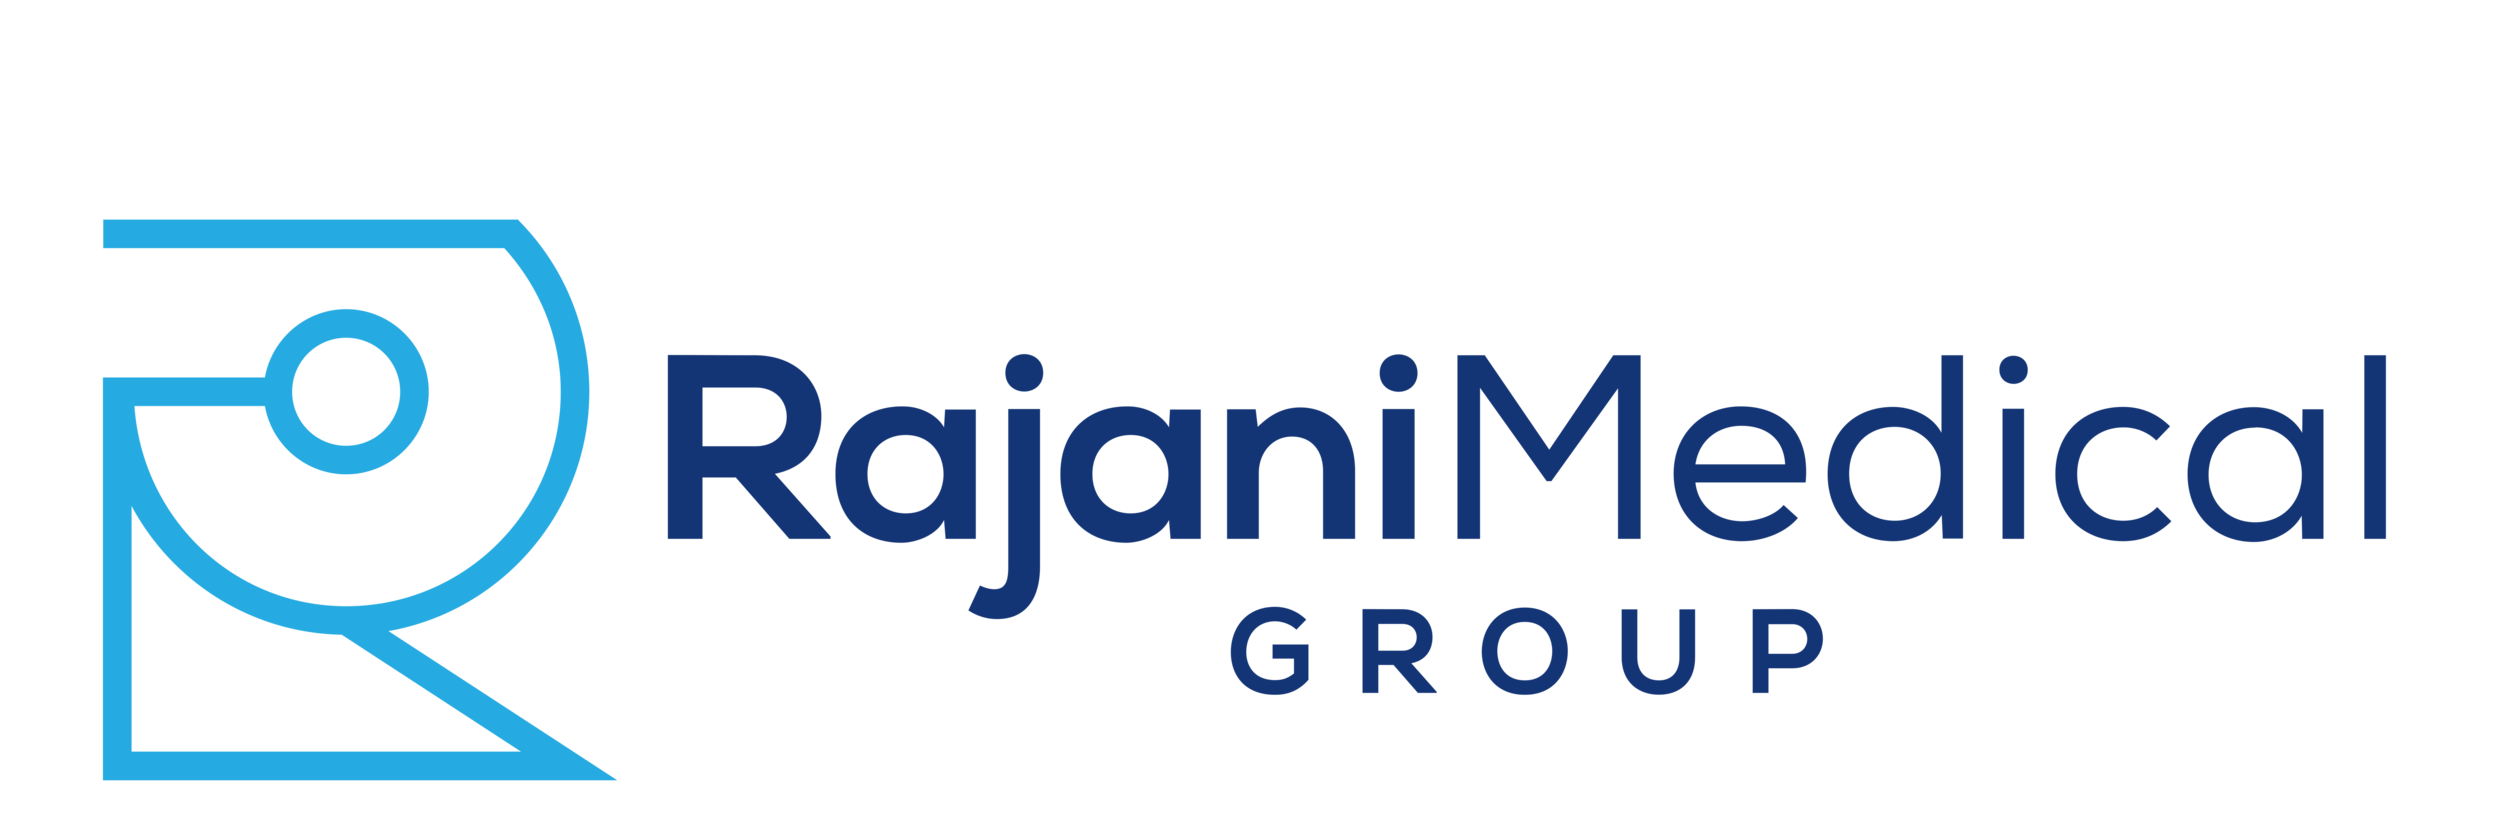 RMG logo transparent_5.png